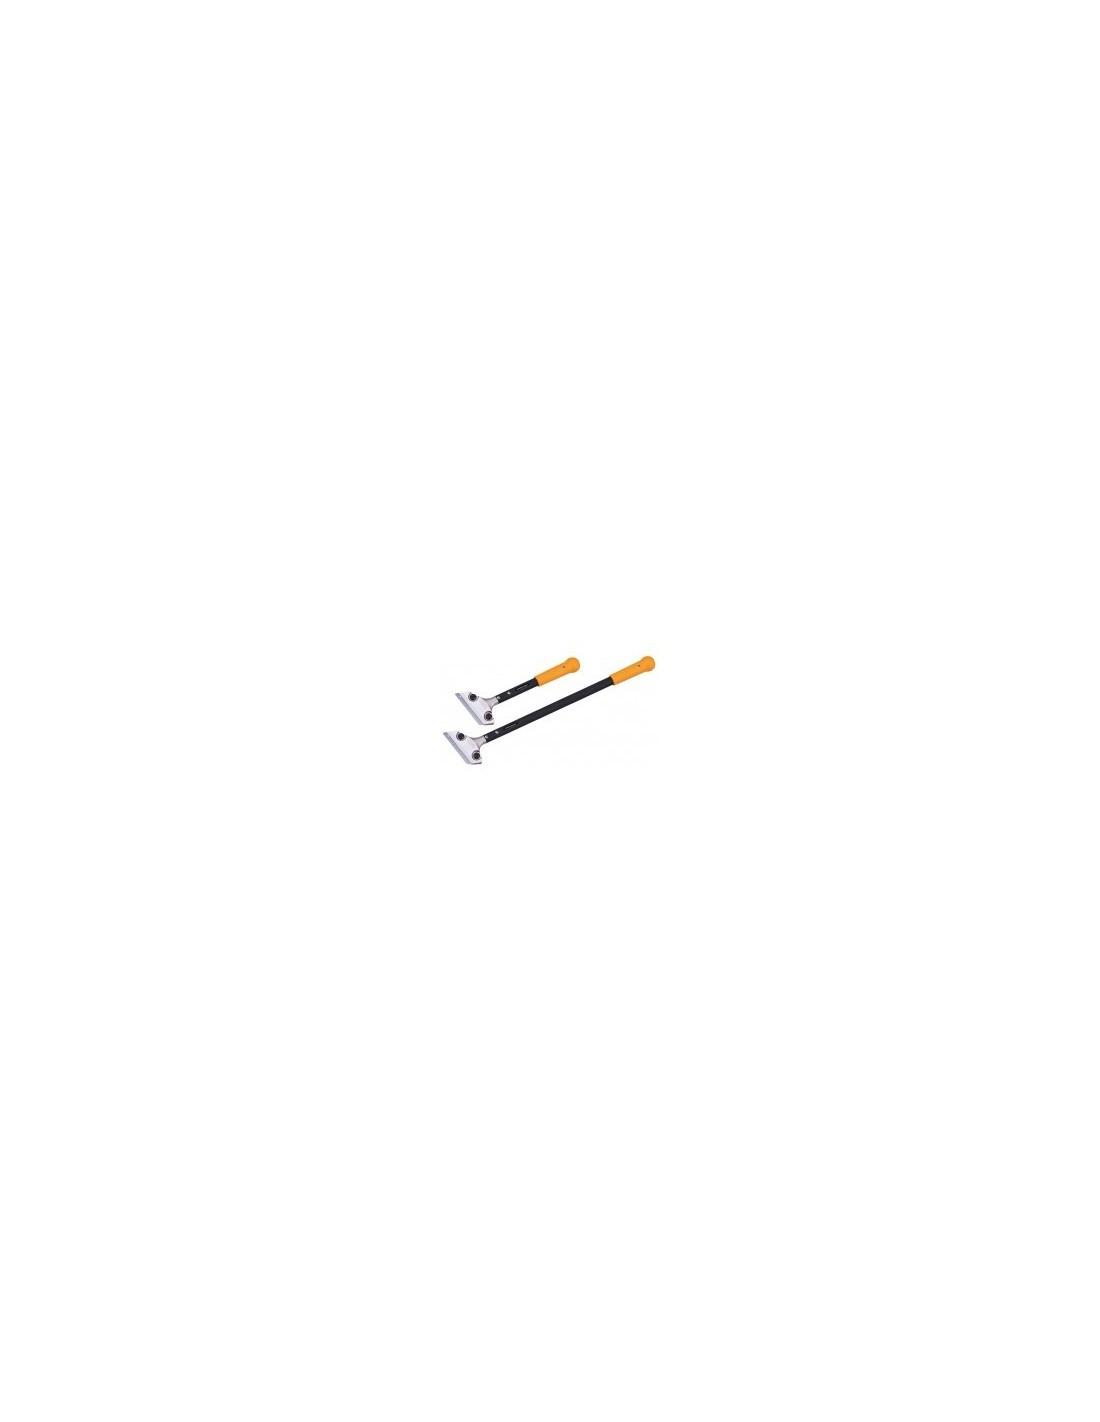 Tajima Grattoir Cutter Lame × 5PCS